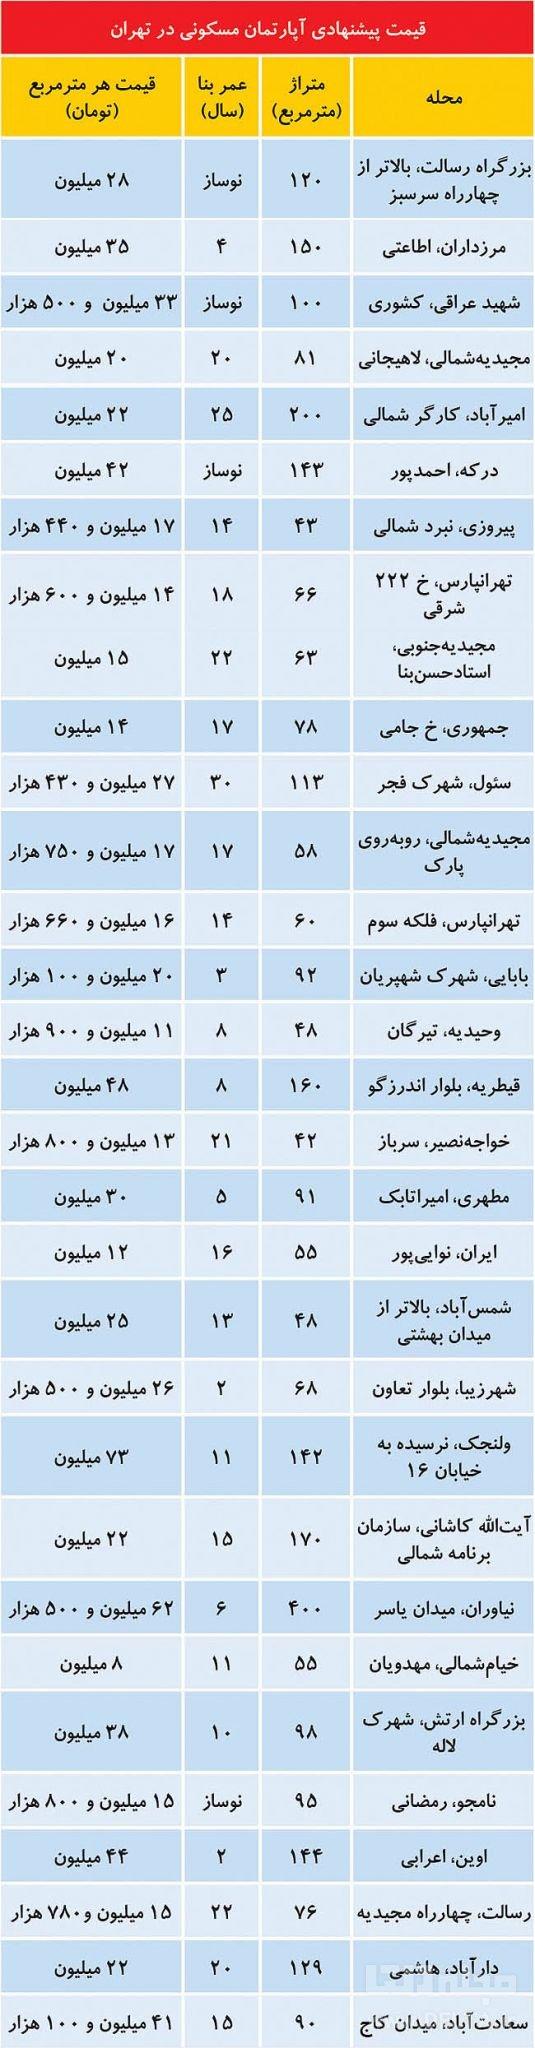 قیمت آپارتمان های مسکونی در تهران